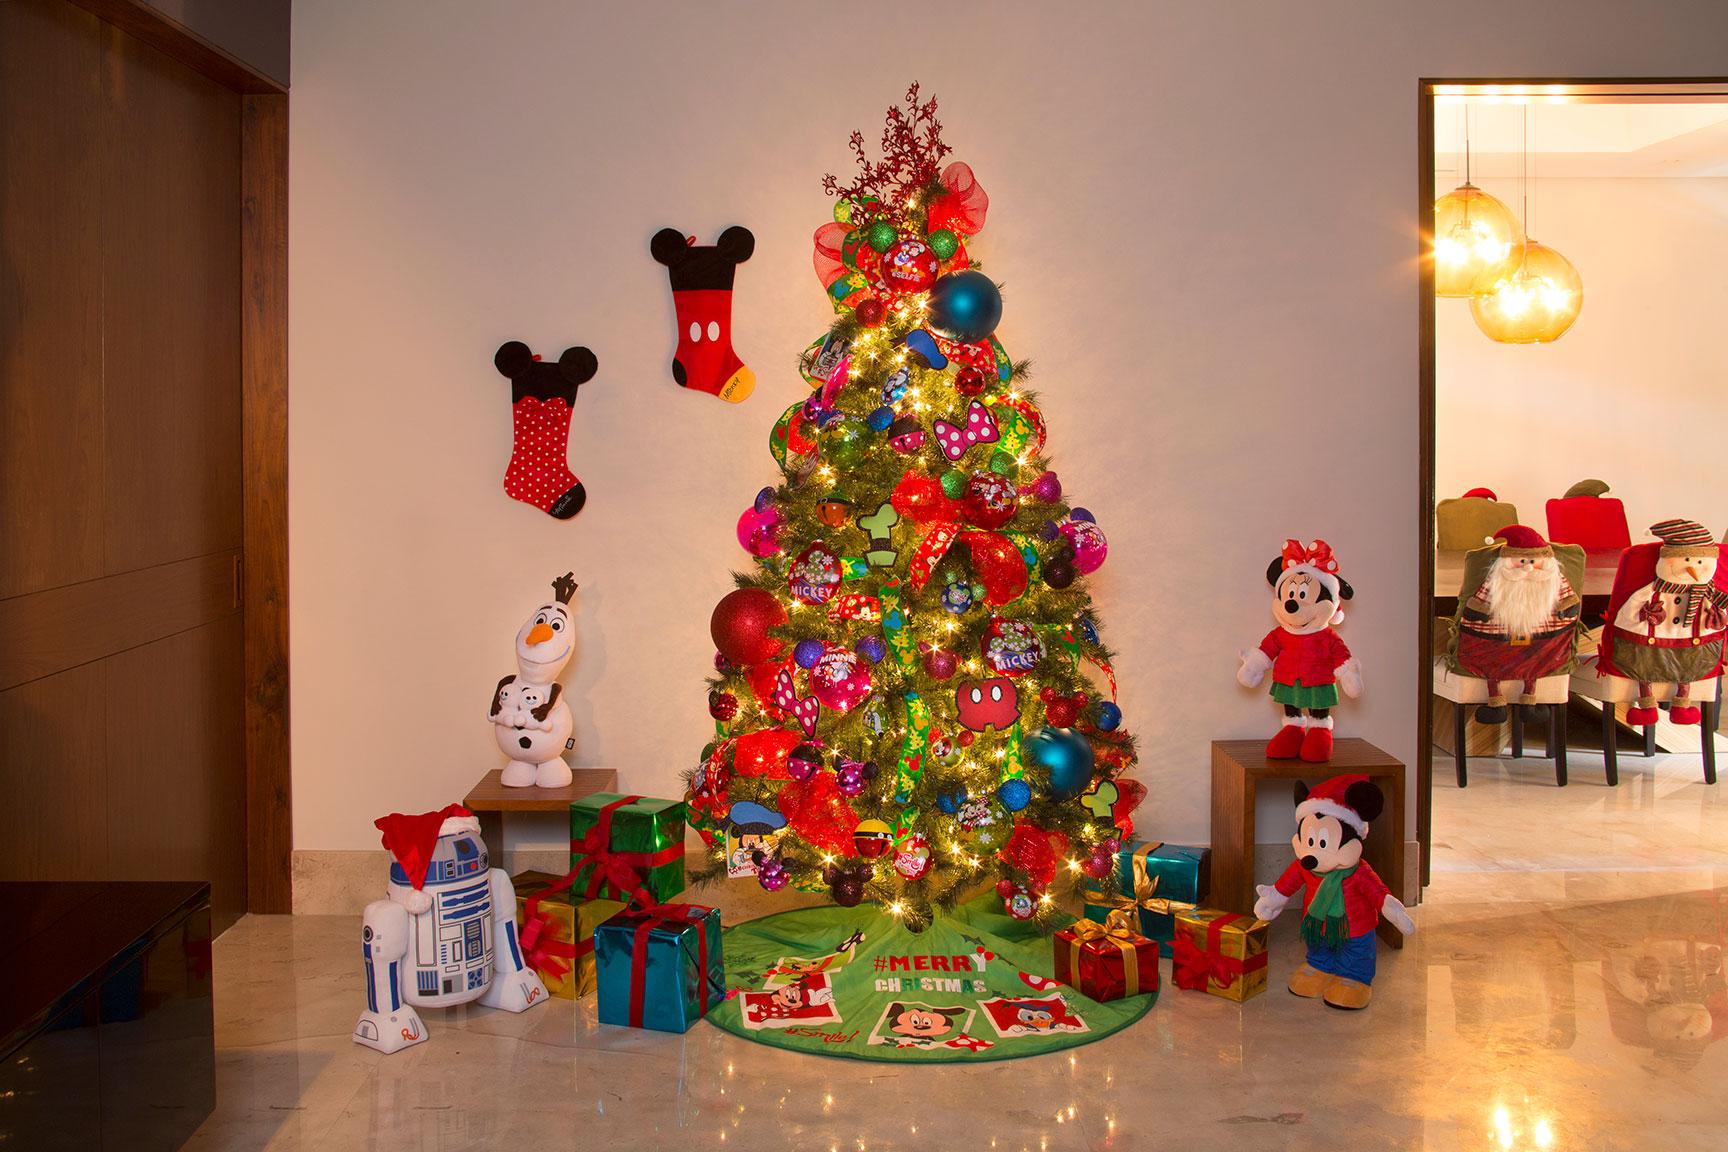 Im genes de rboles navide os decorados para el hogar - Decoracion para arboles navidenos ...